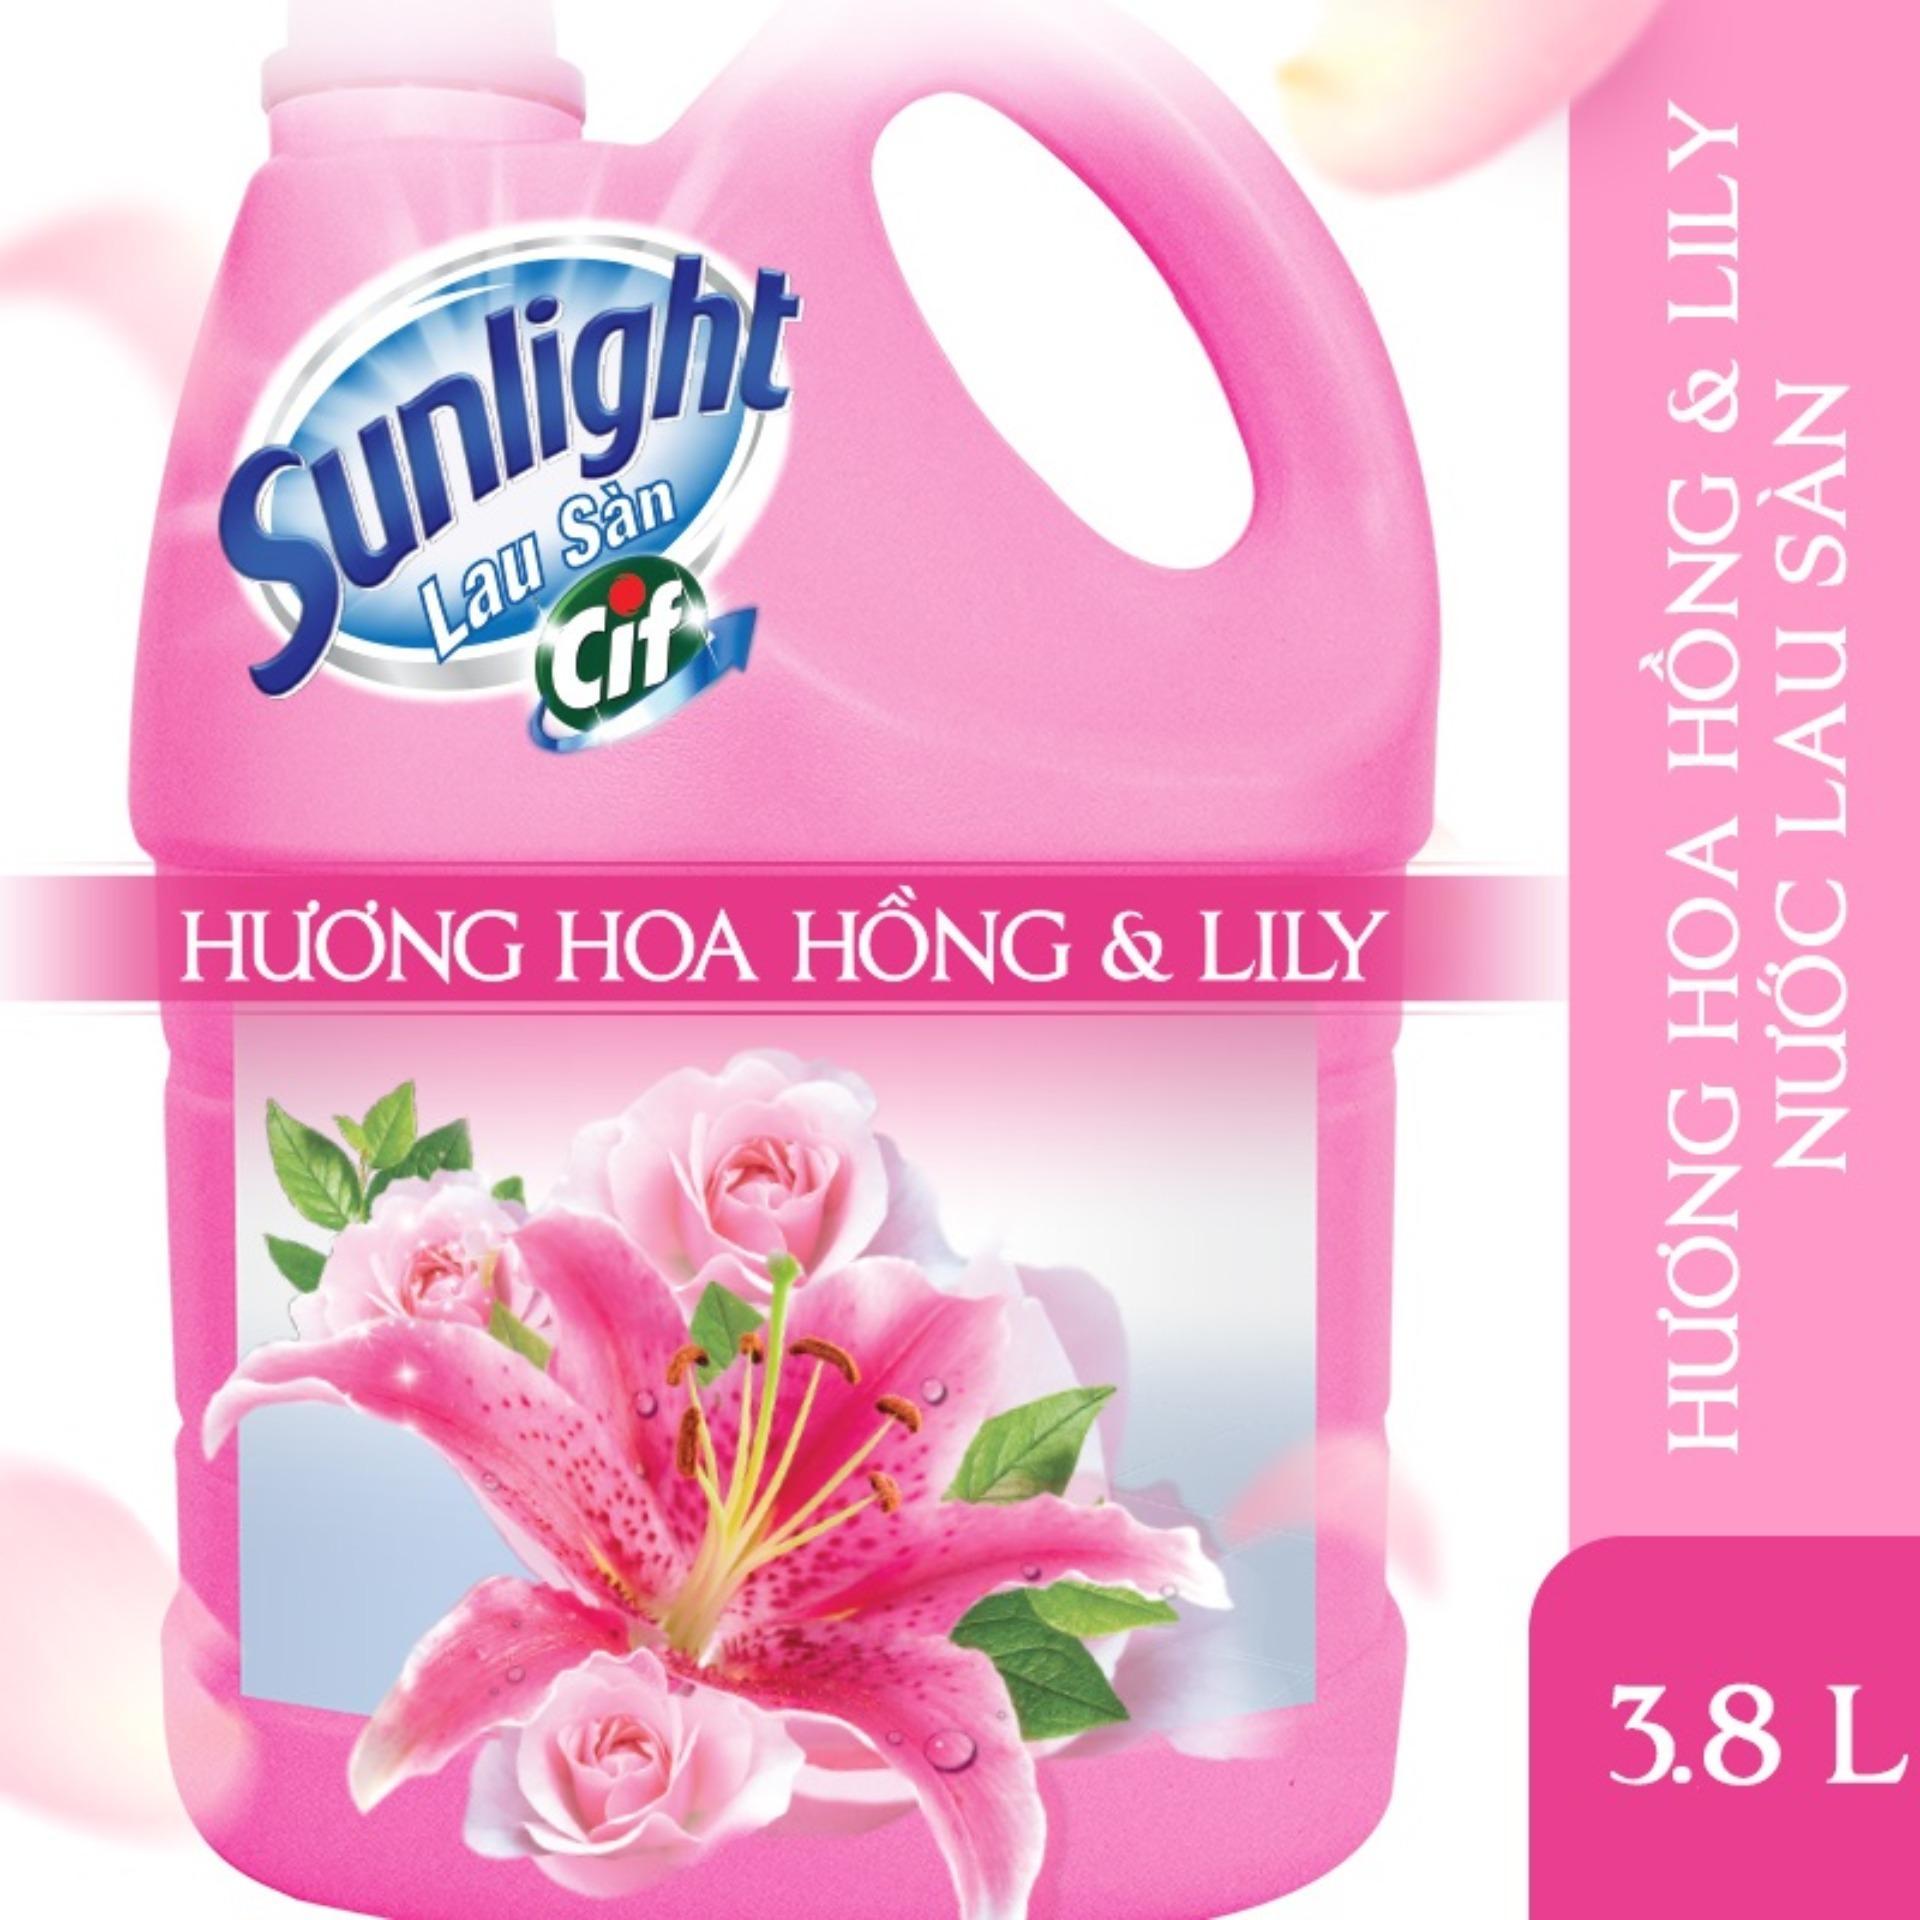 Sunlight Lau Sàn HƯƠNG HOA HỒNG & LILY MỚI Can 3.8kg